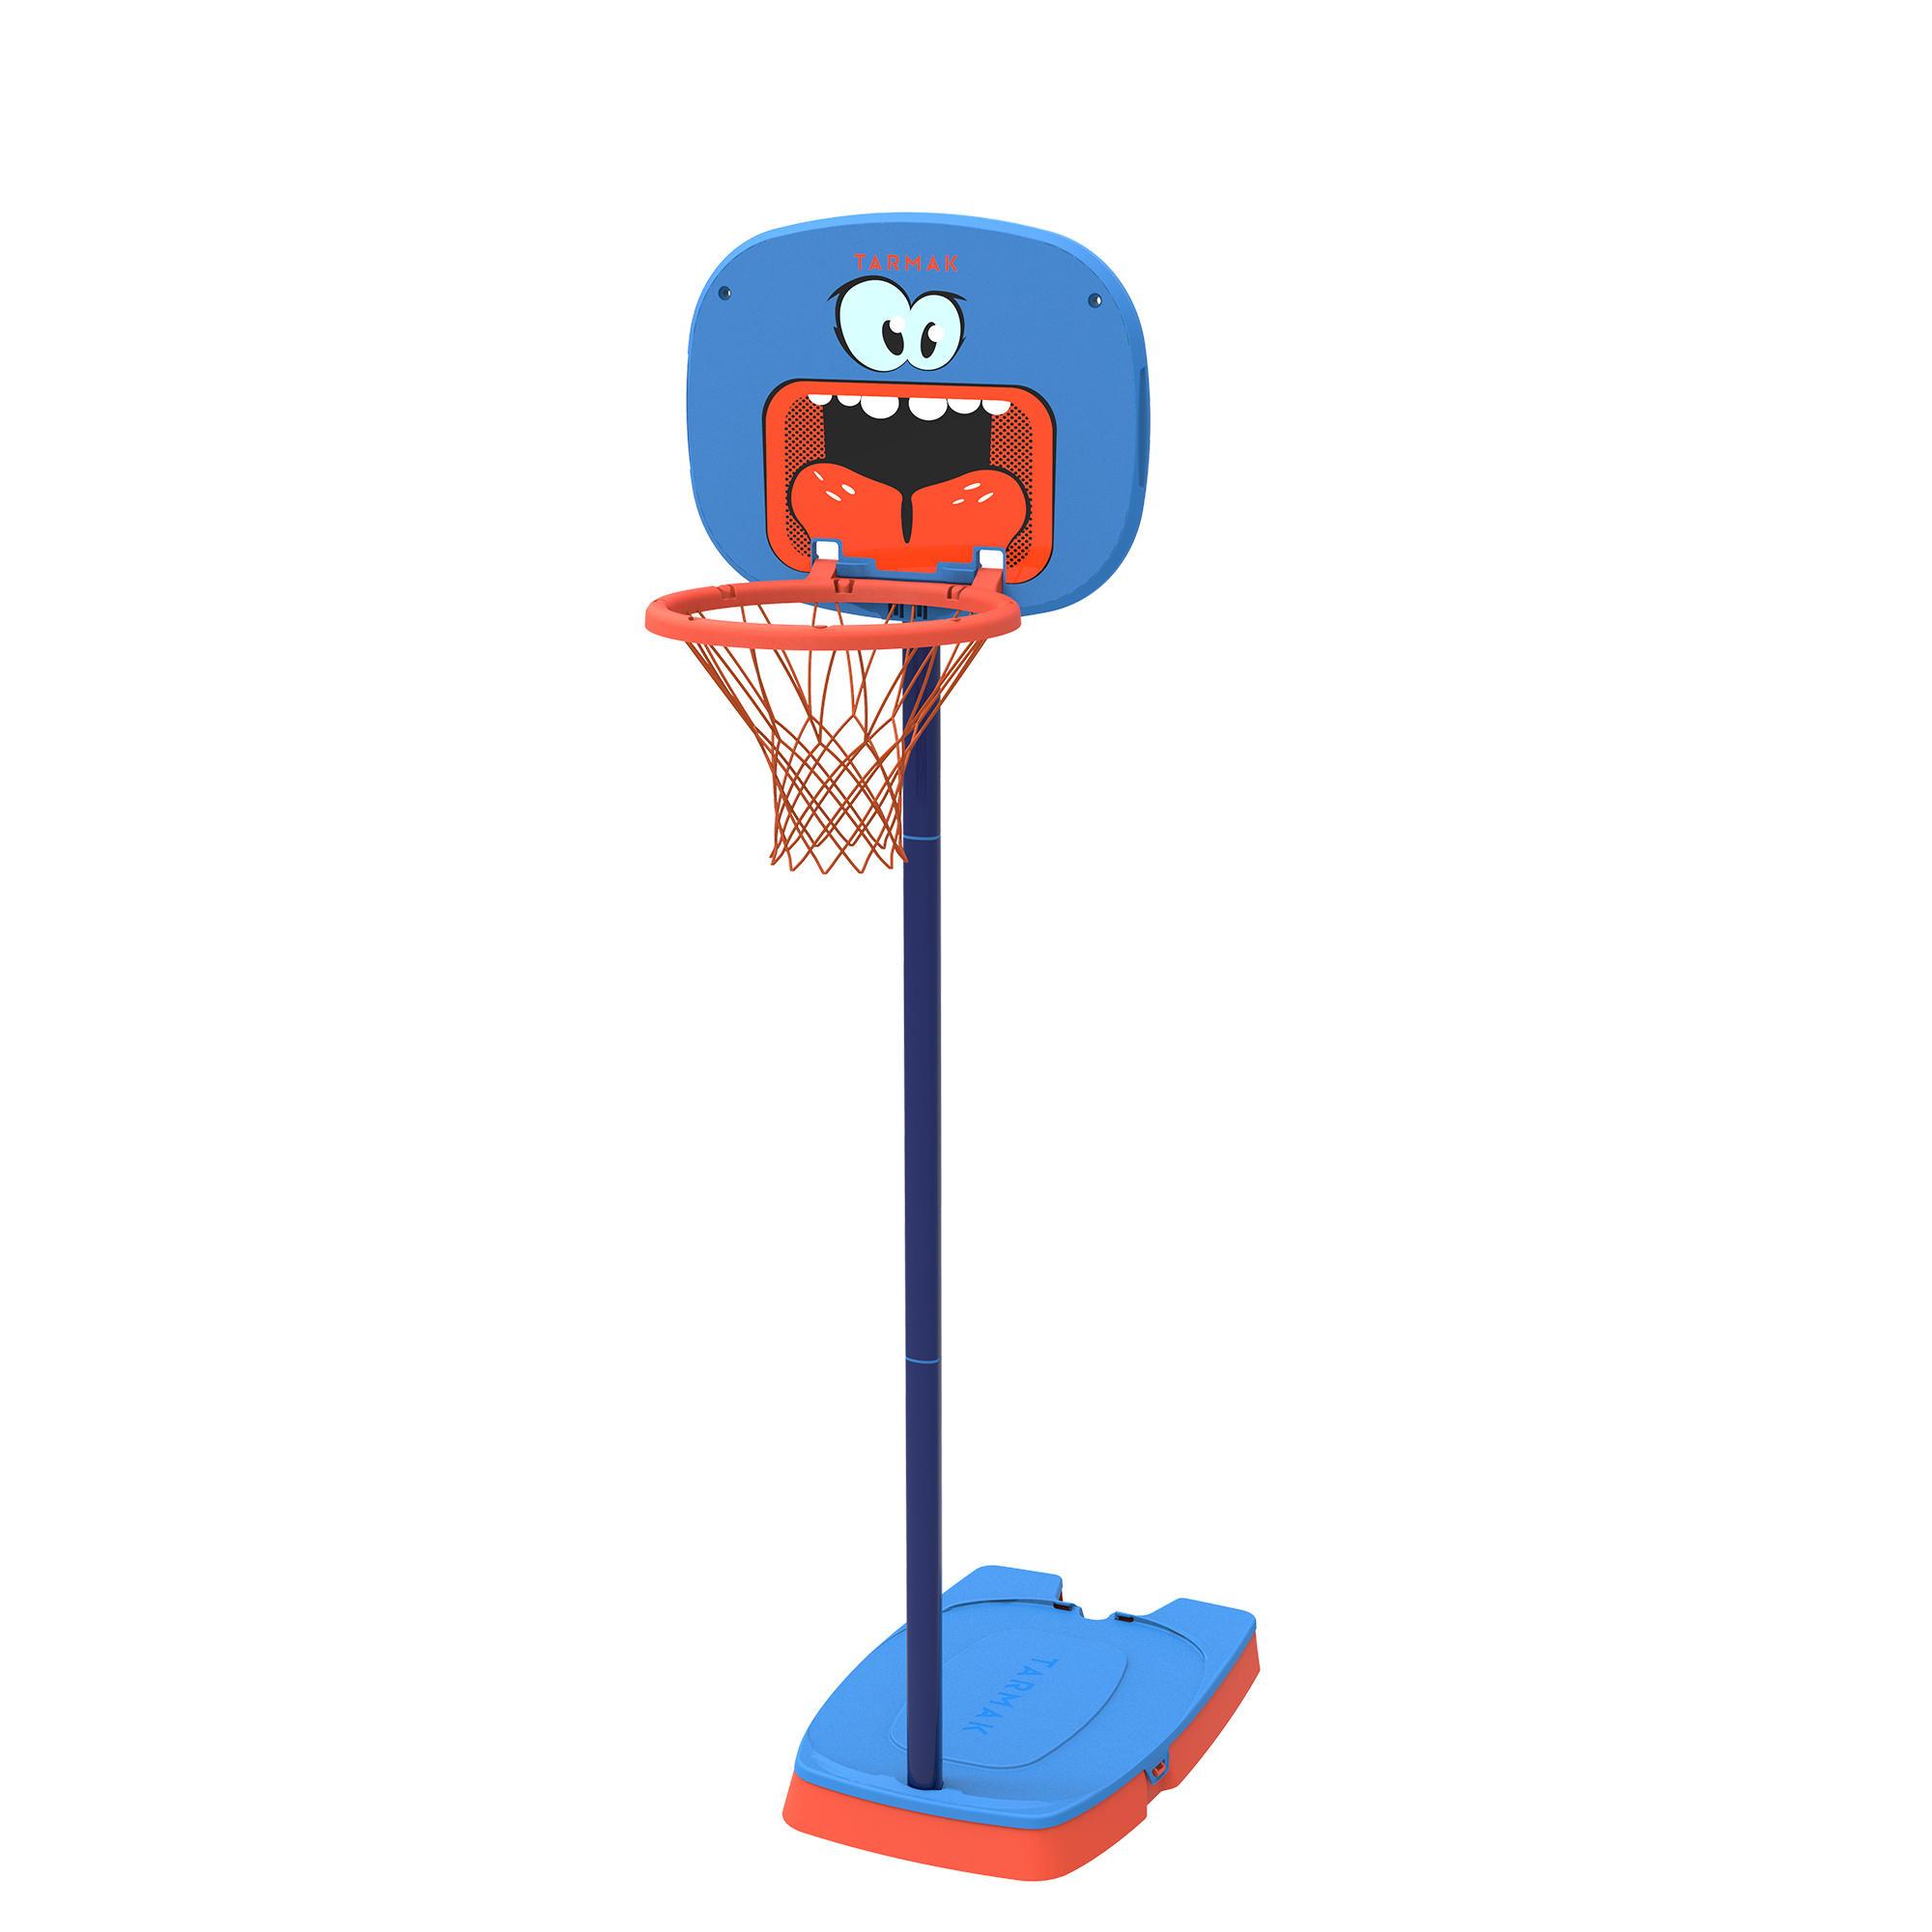 Canasta de básquetbol para niños K100 Monstre azul. 0.9 m a 1.2 m. Hasta 5 años.